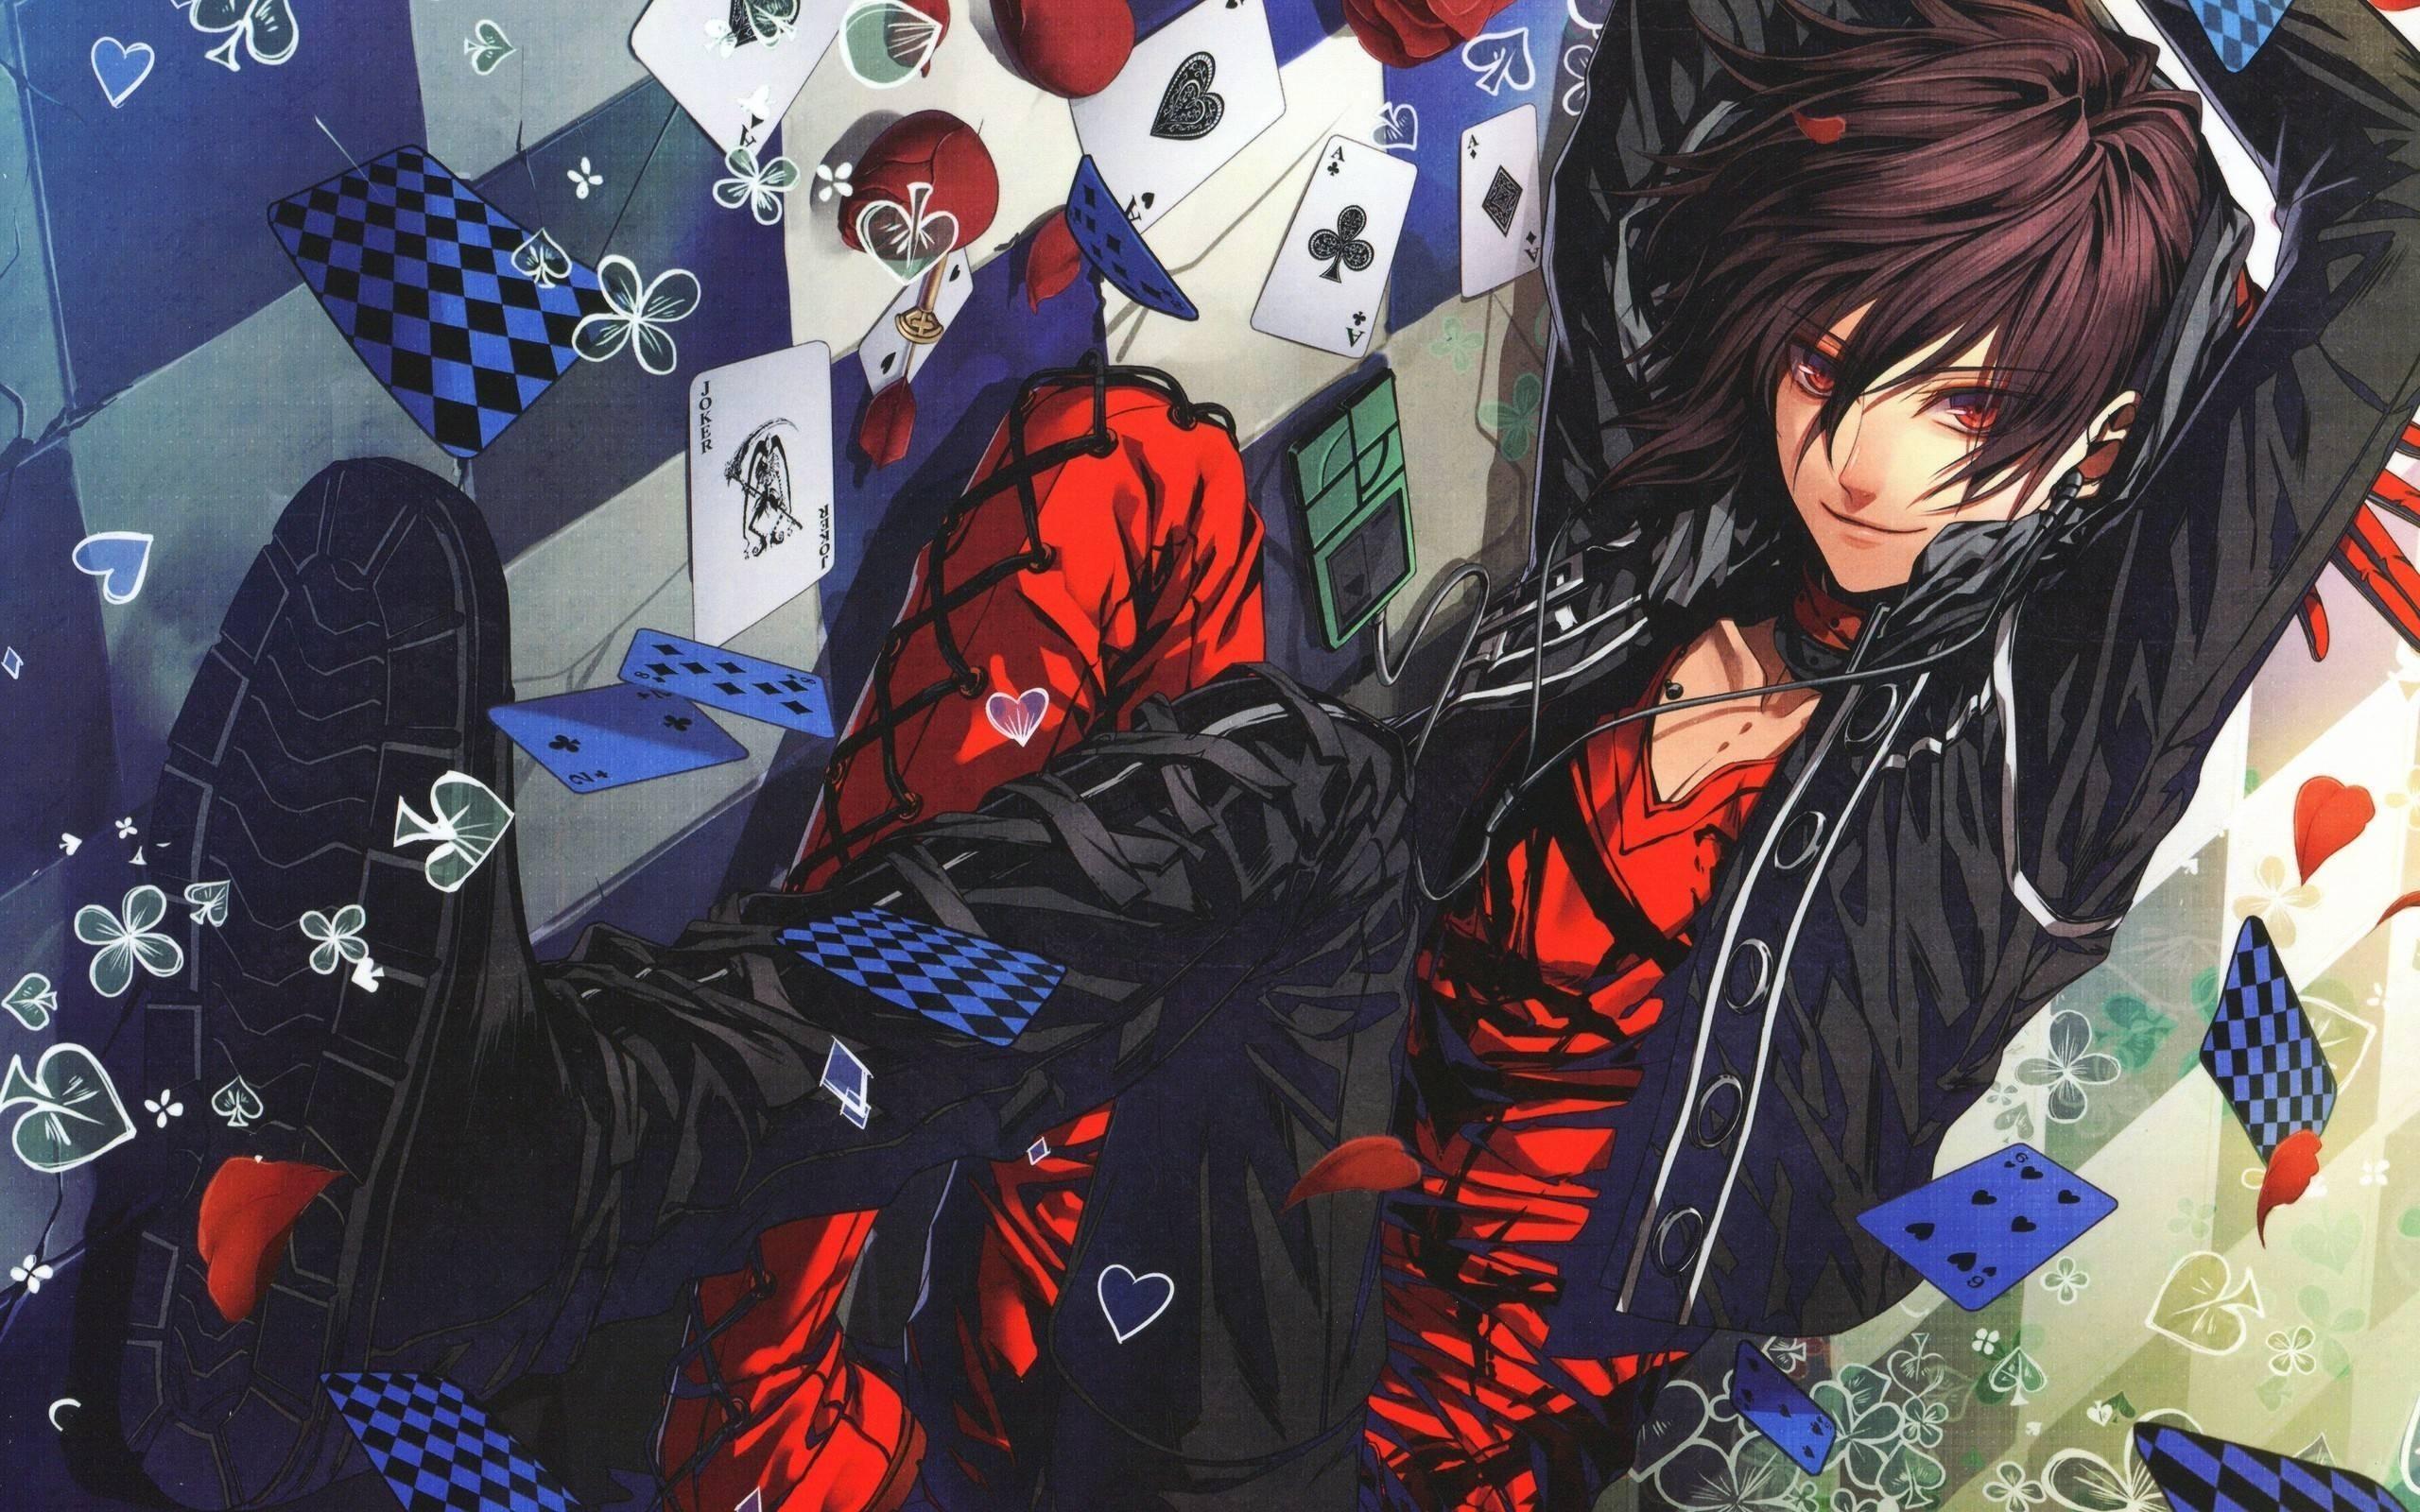 2560x1600 Bad Anime Boys hình nền